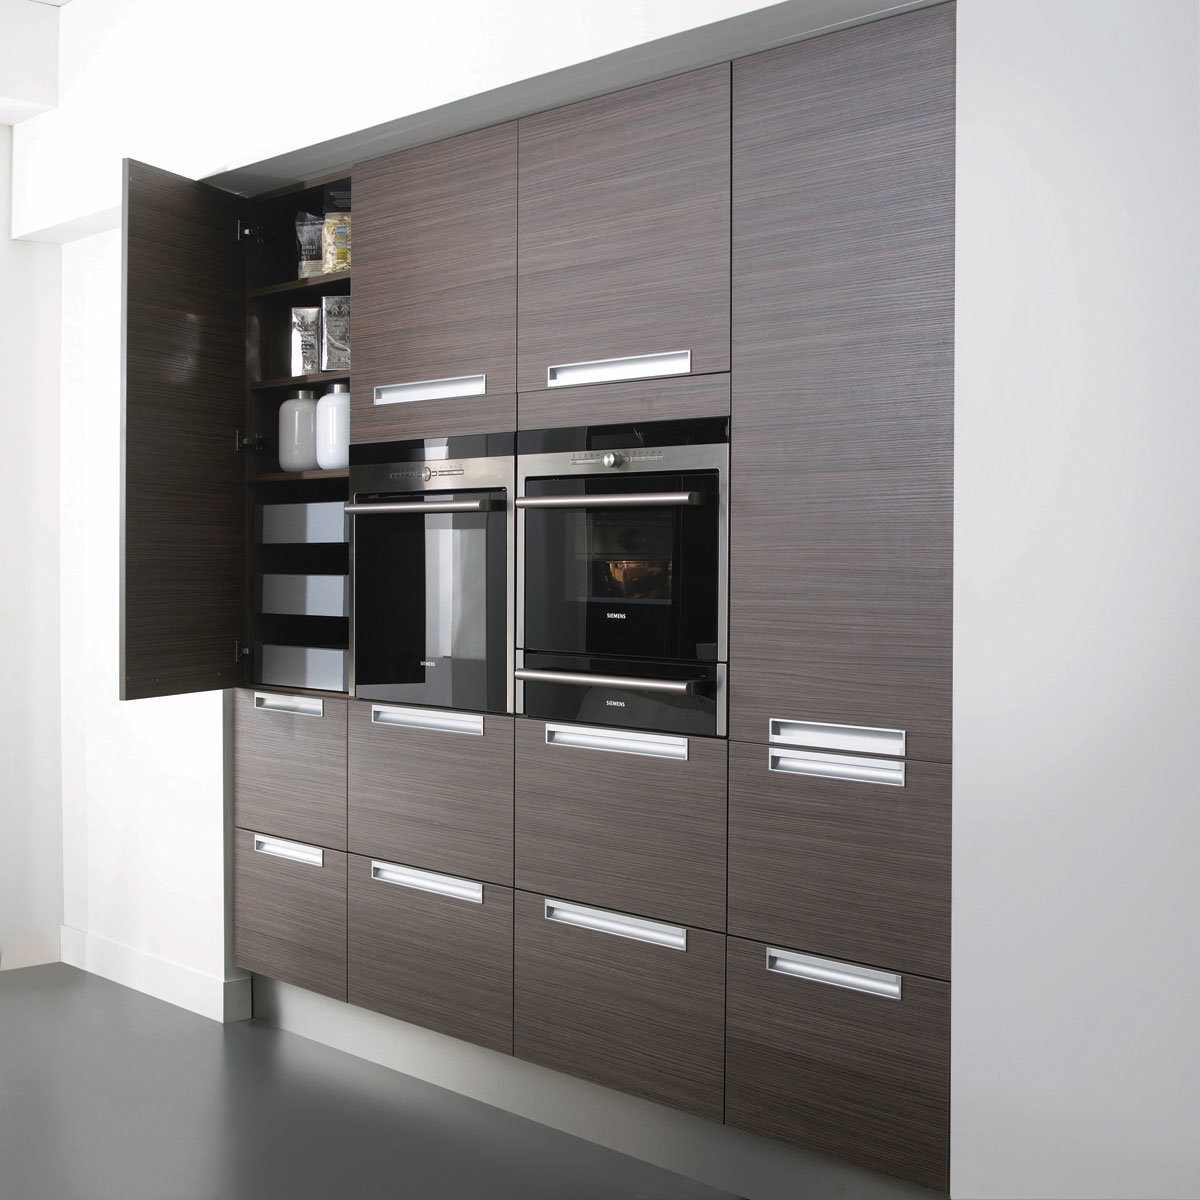 Ritz moderne kleine Küche-Schrank-kleine Küche-Auslegungen foto ...